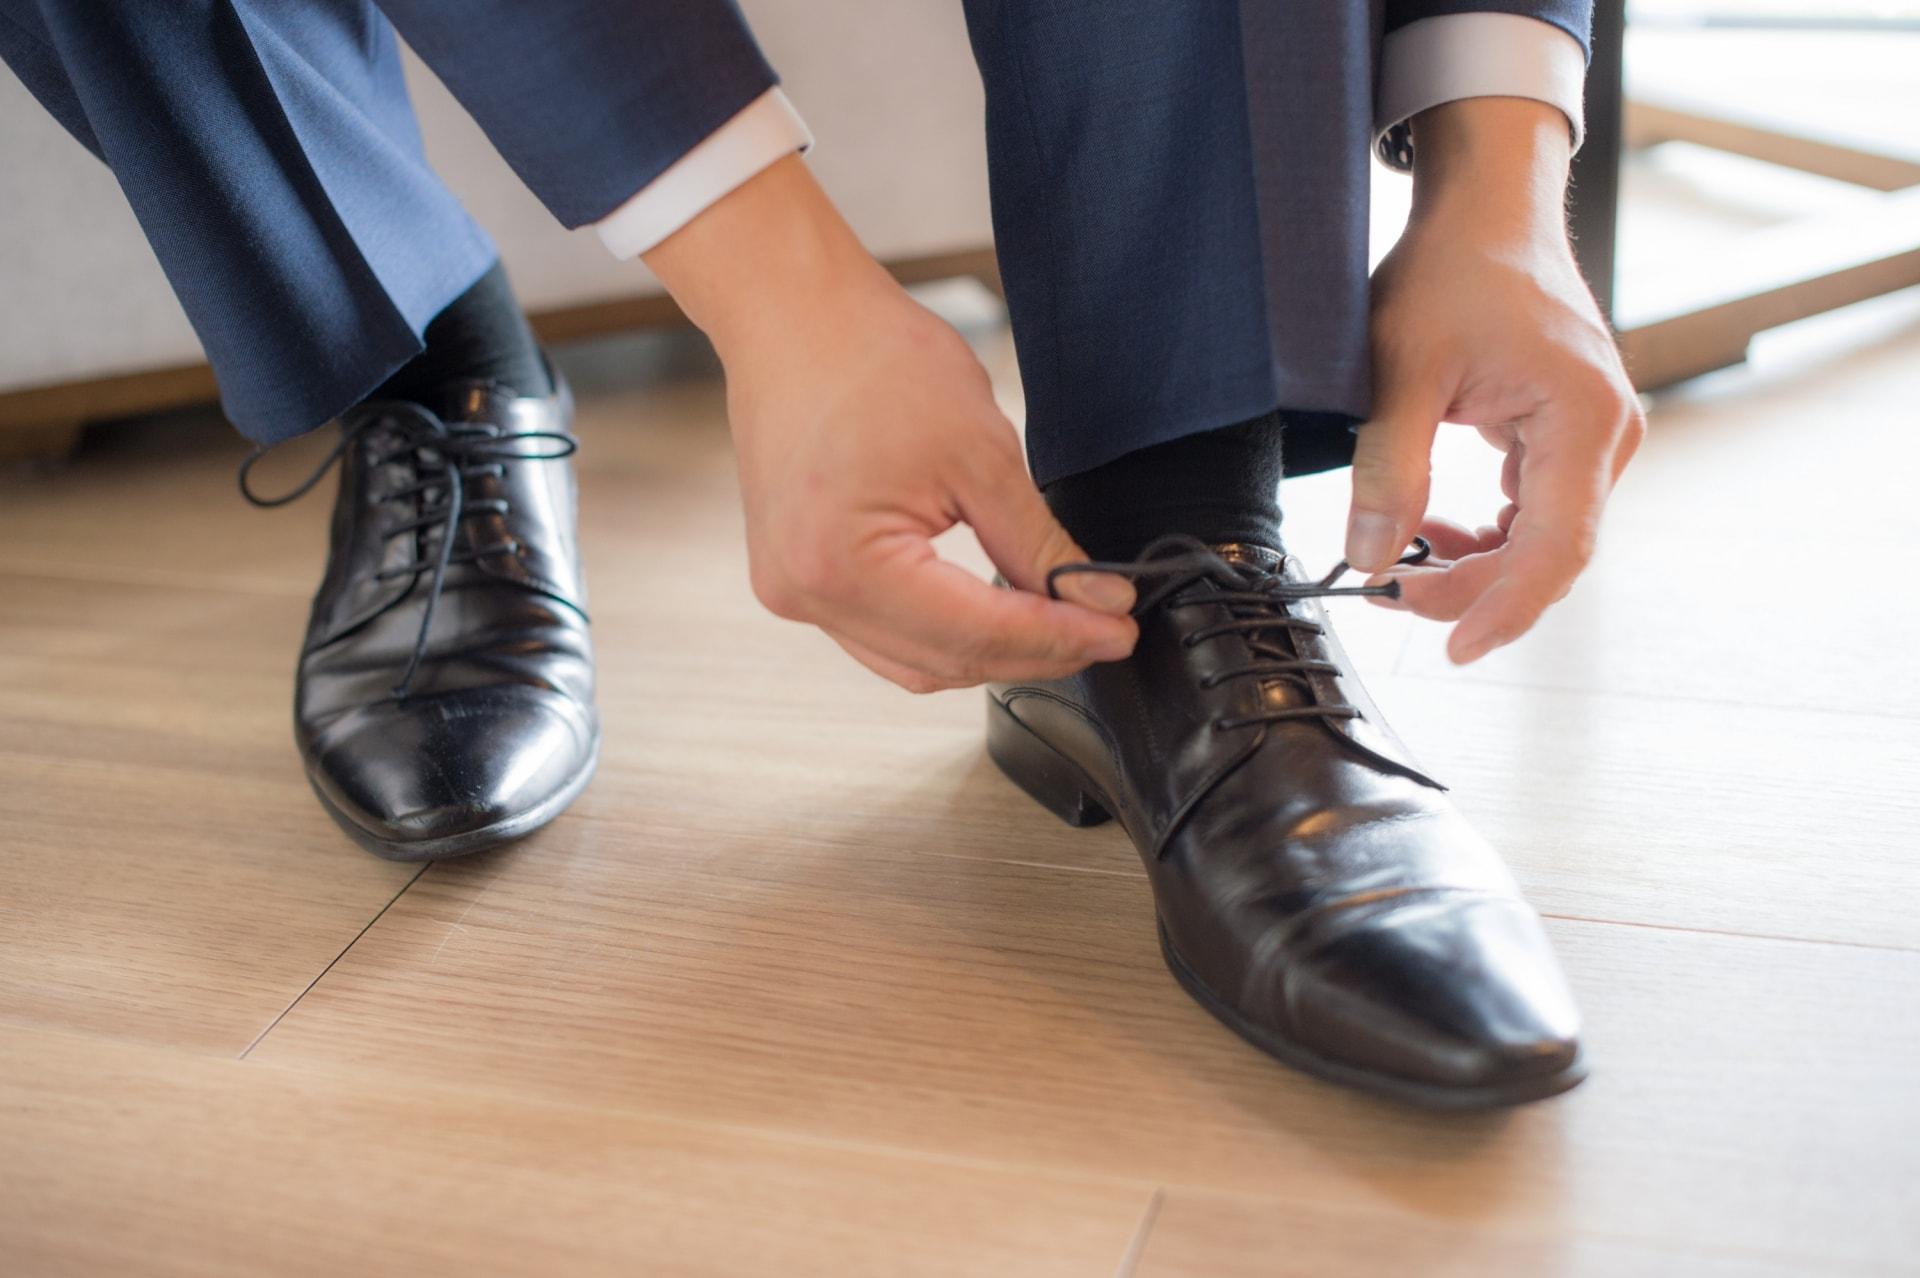 【婚活の準備】婚活でモテる男性になる4つのポイント